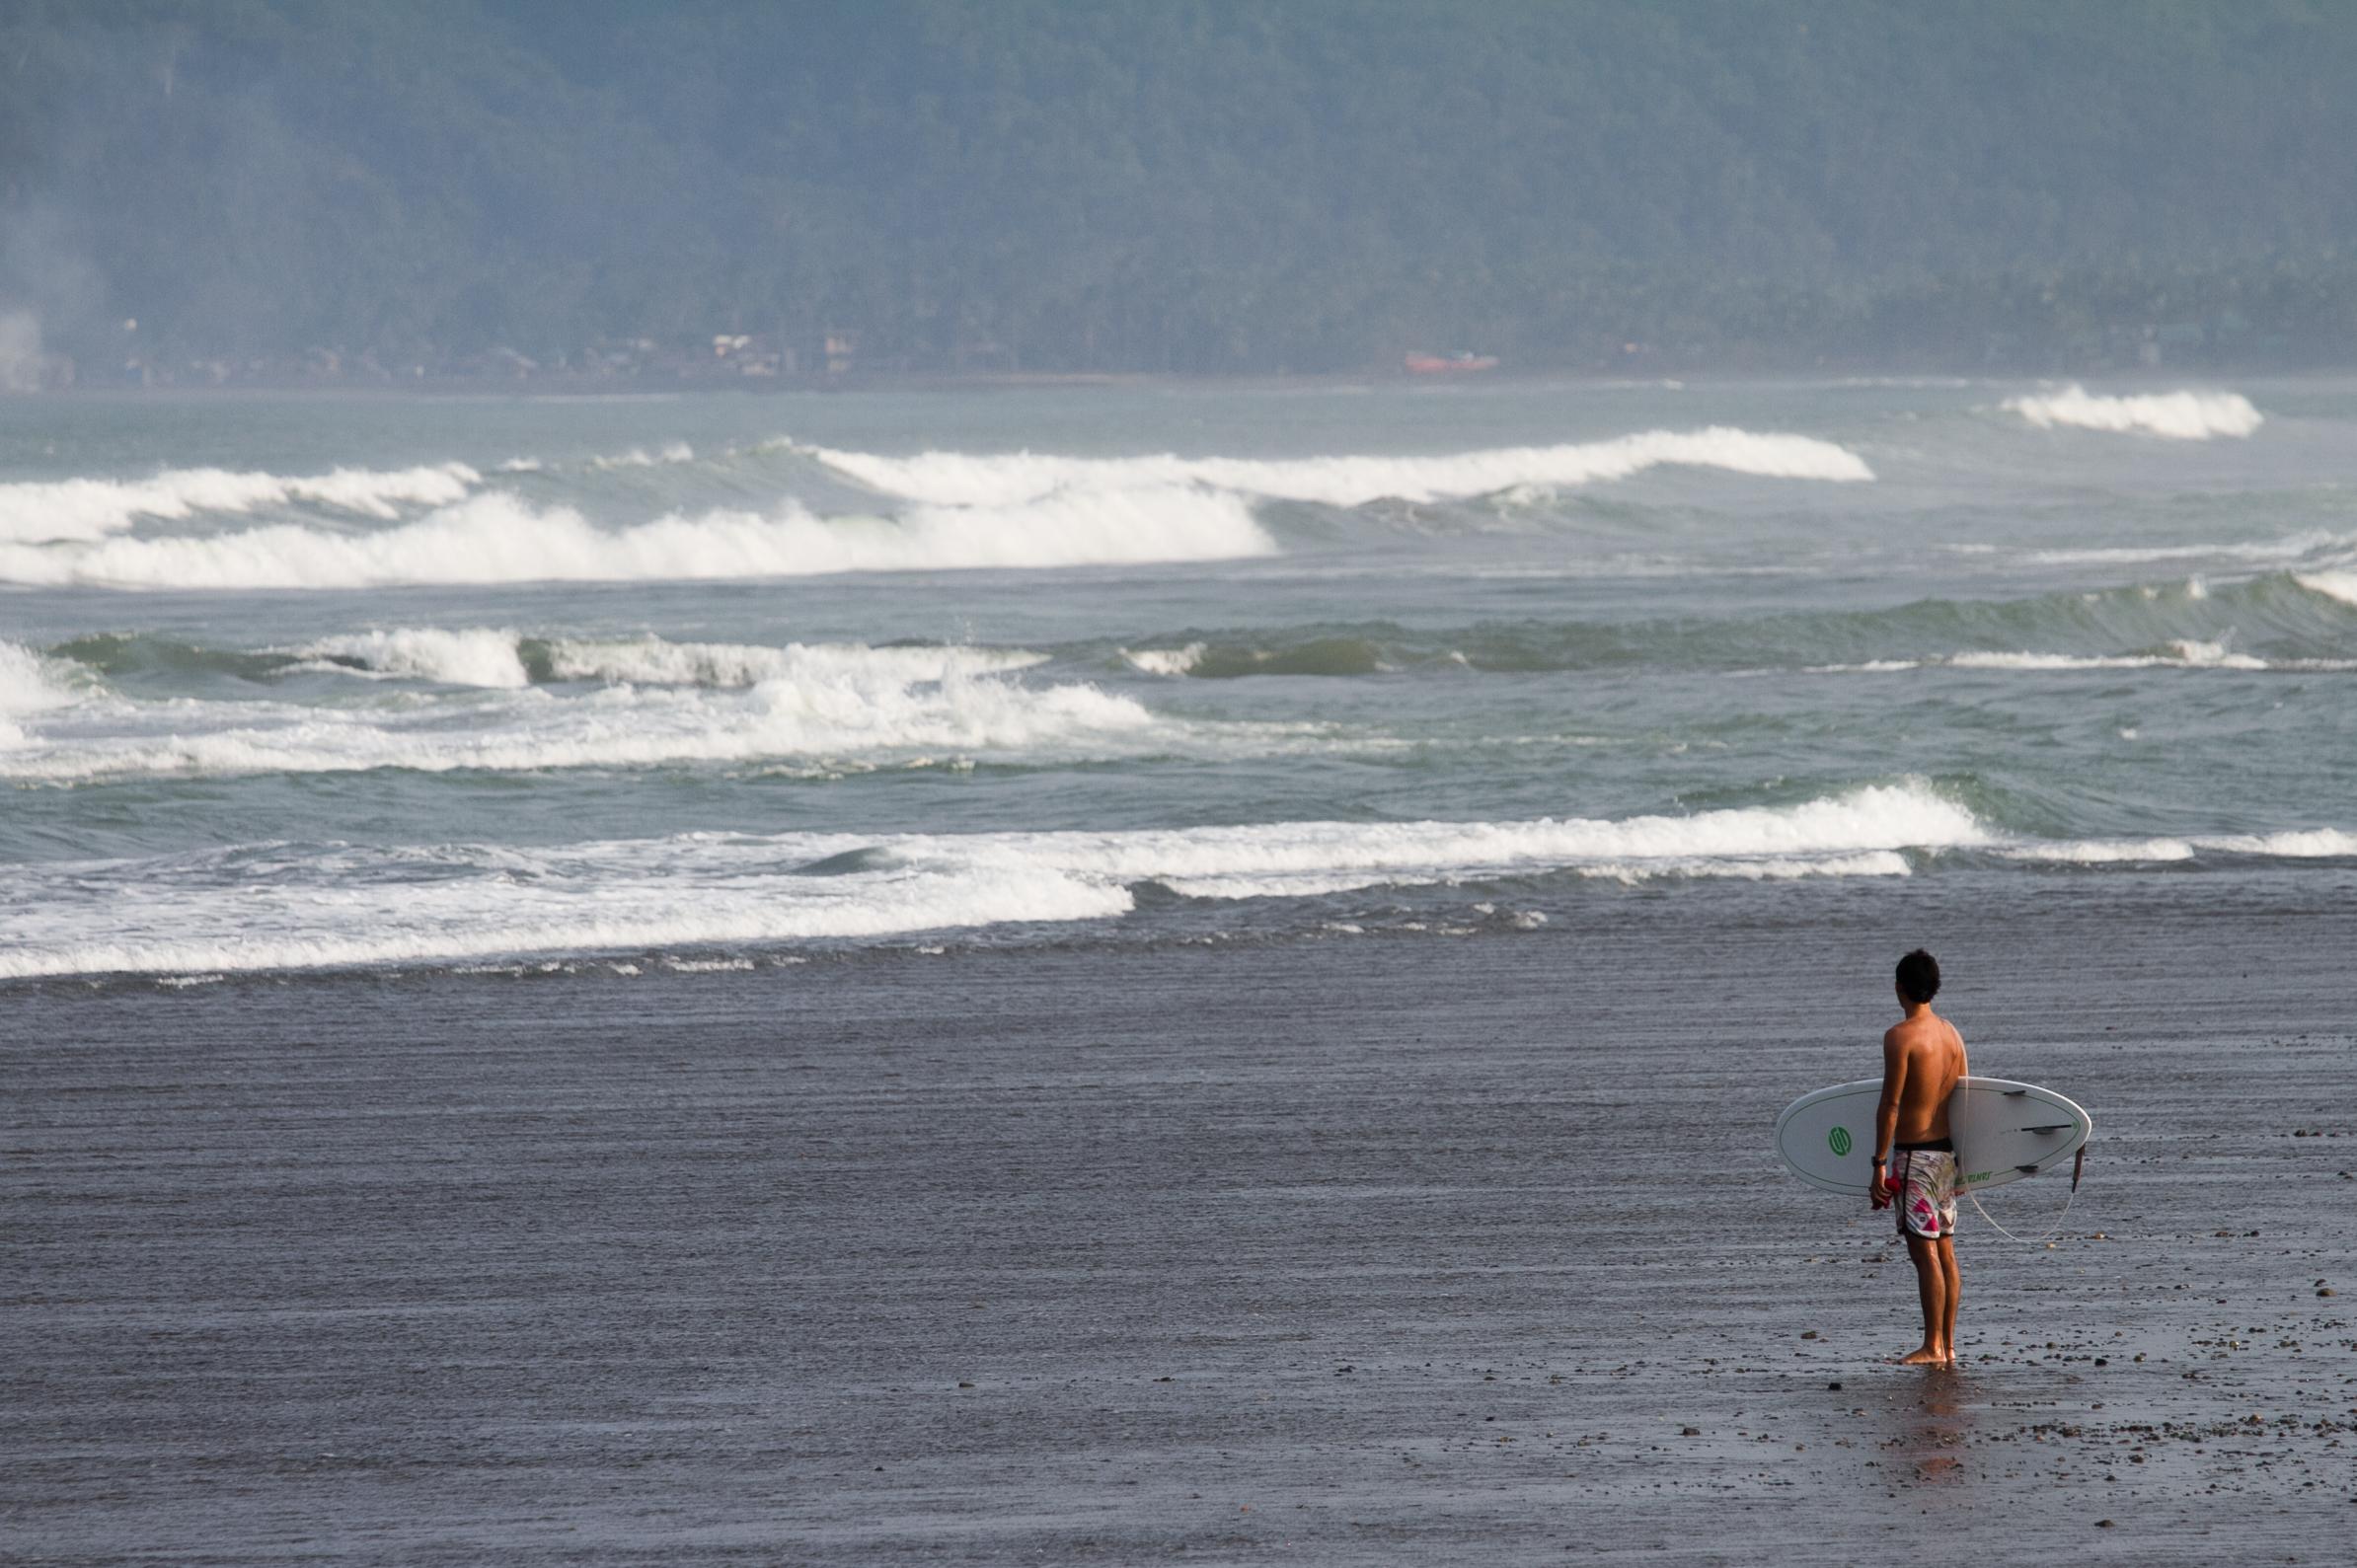 The lonely surfer. Secret spot.